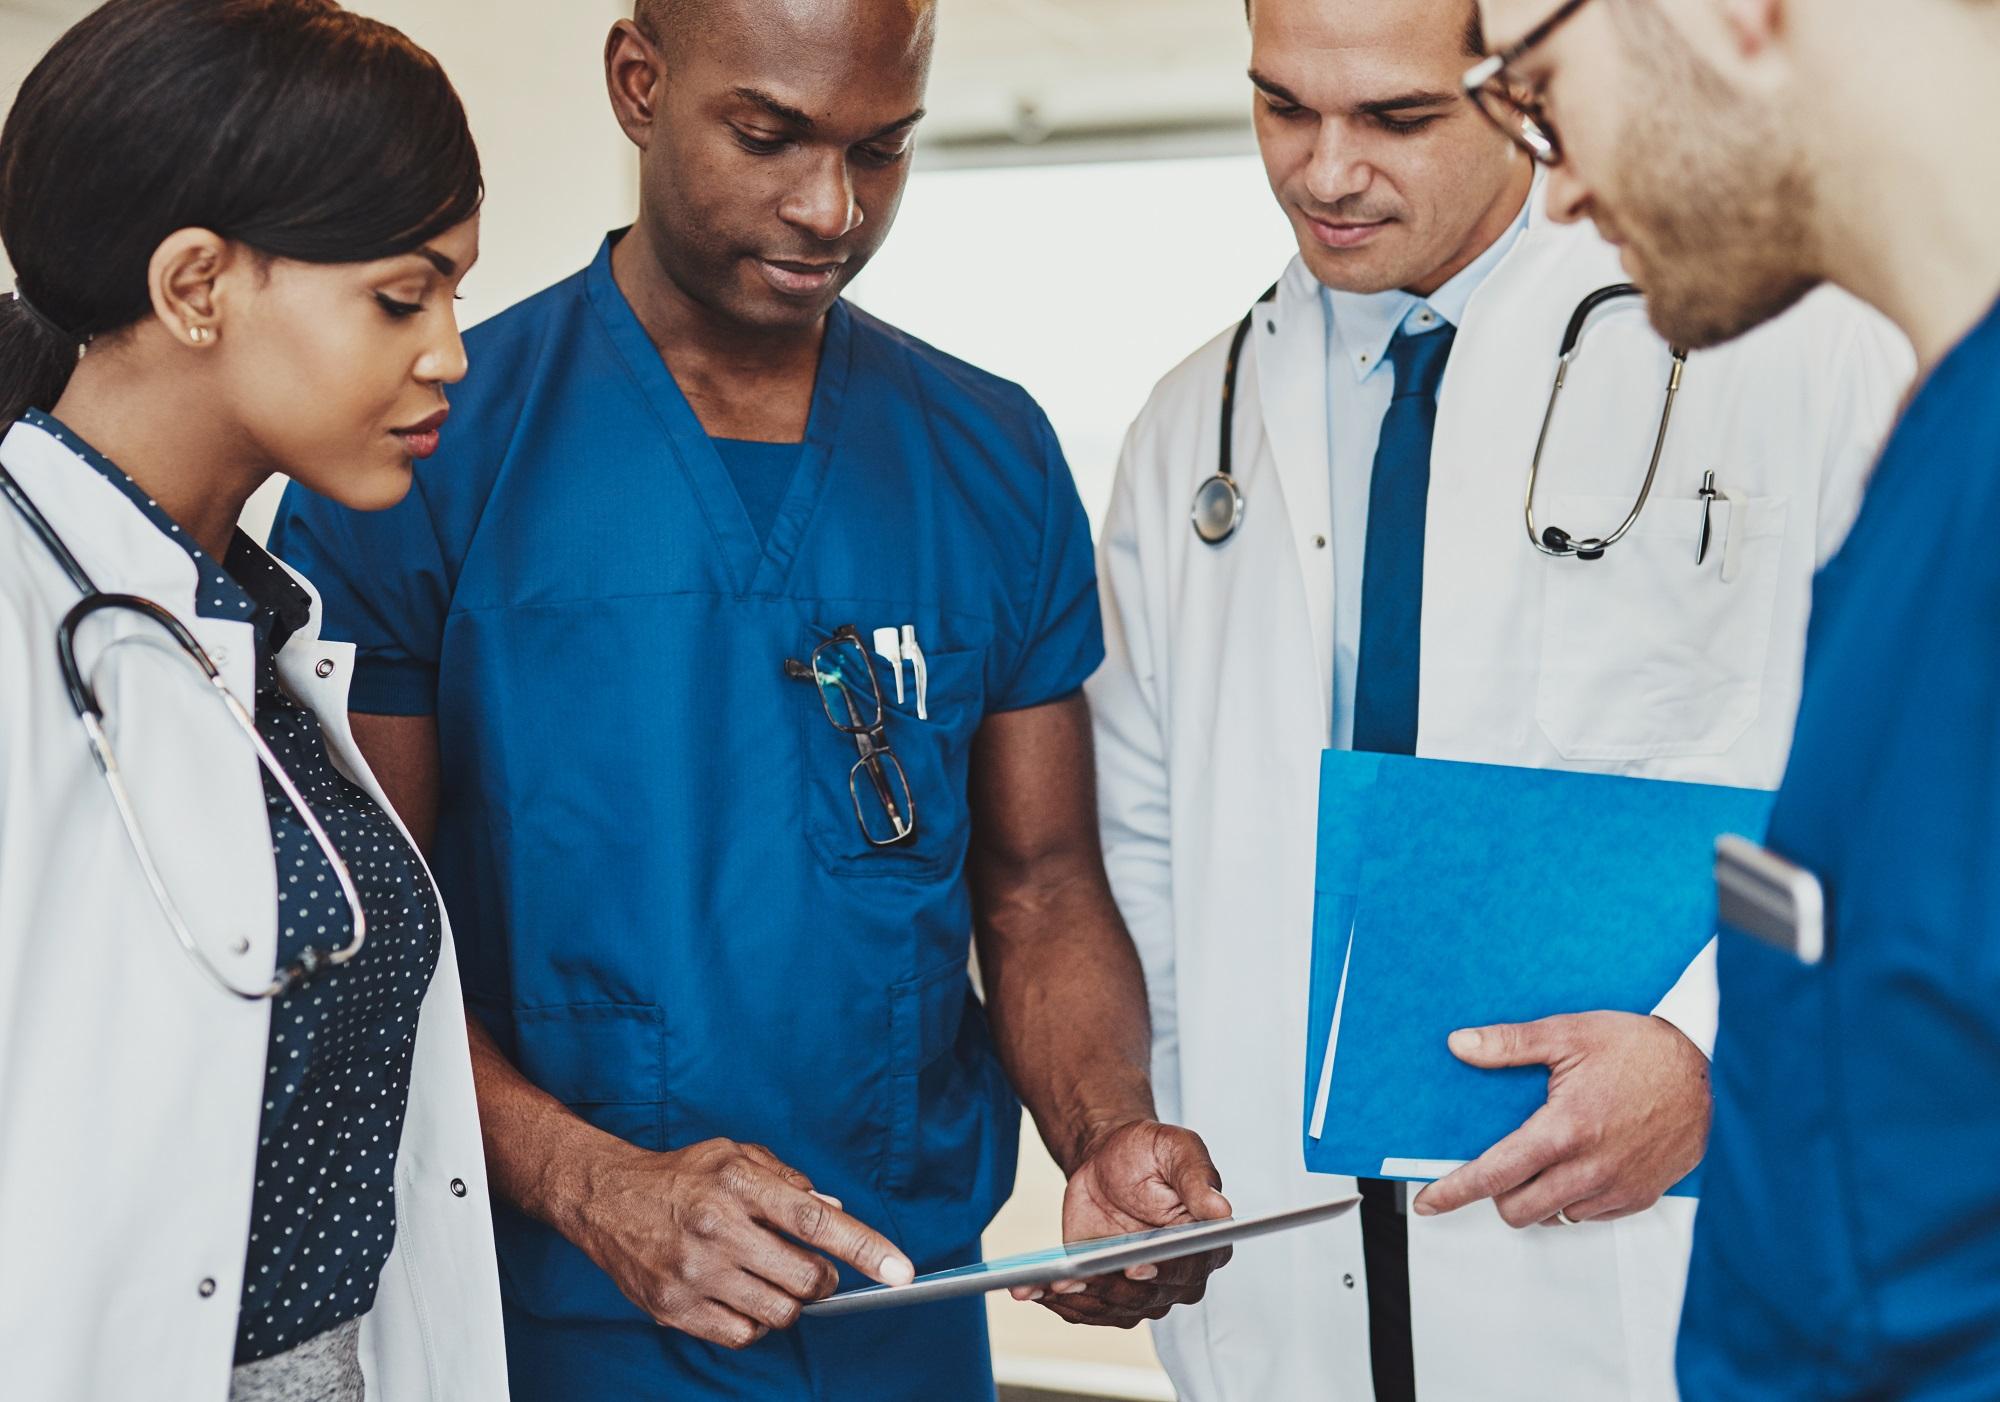 Careers Nmc Healthcare Oman Doctors In Muscat Best - #Summer